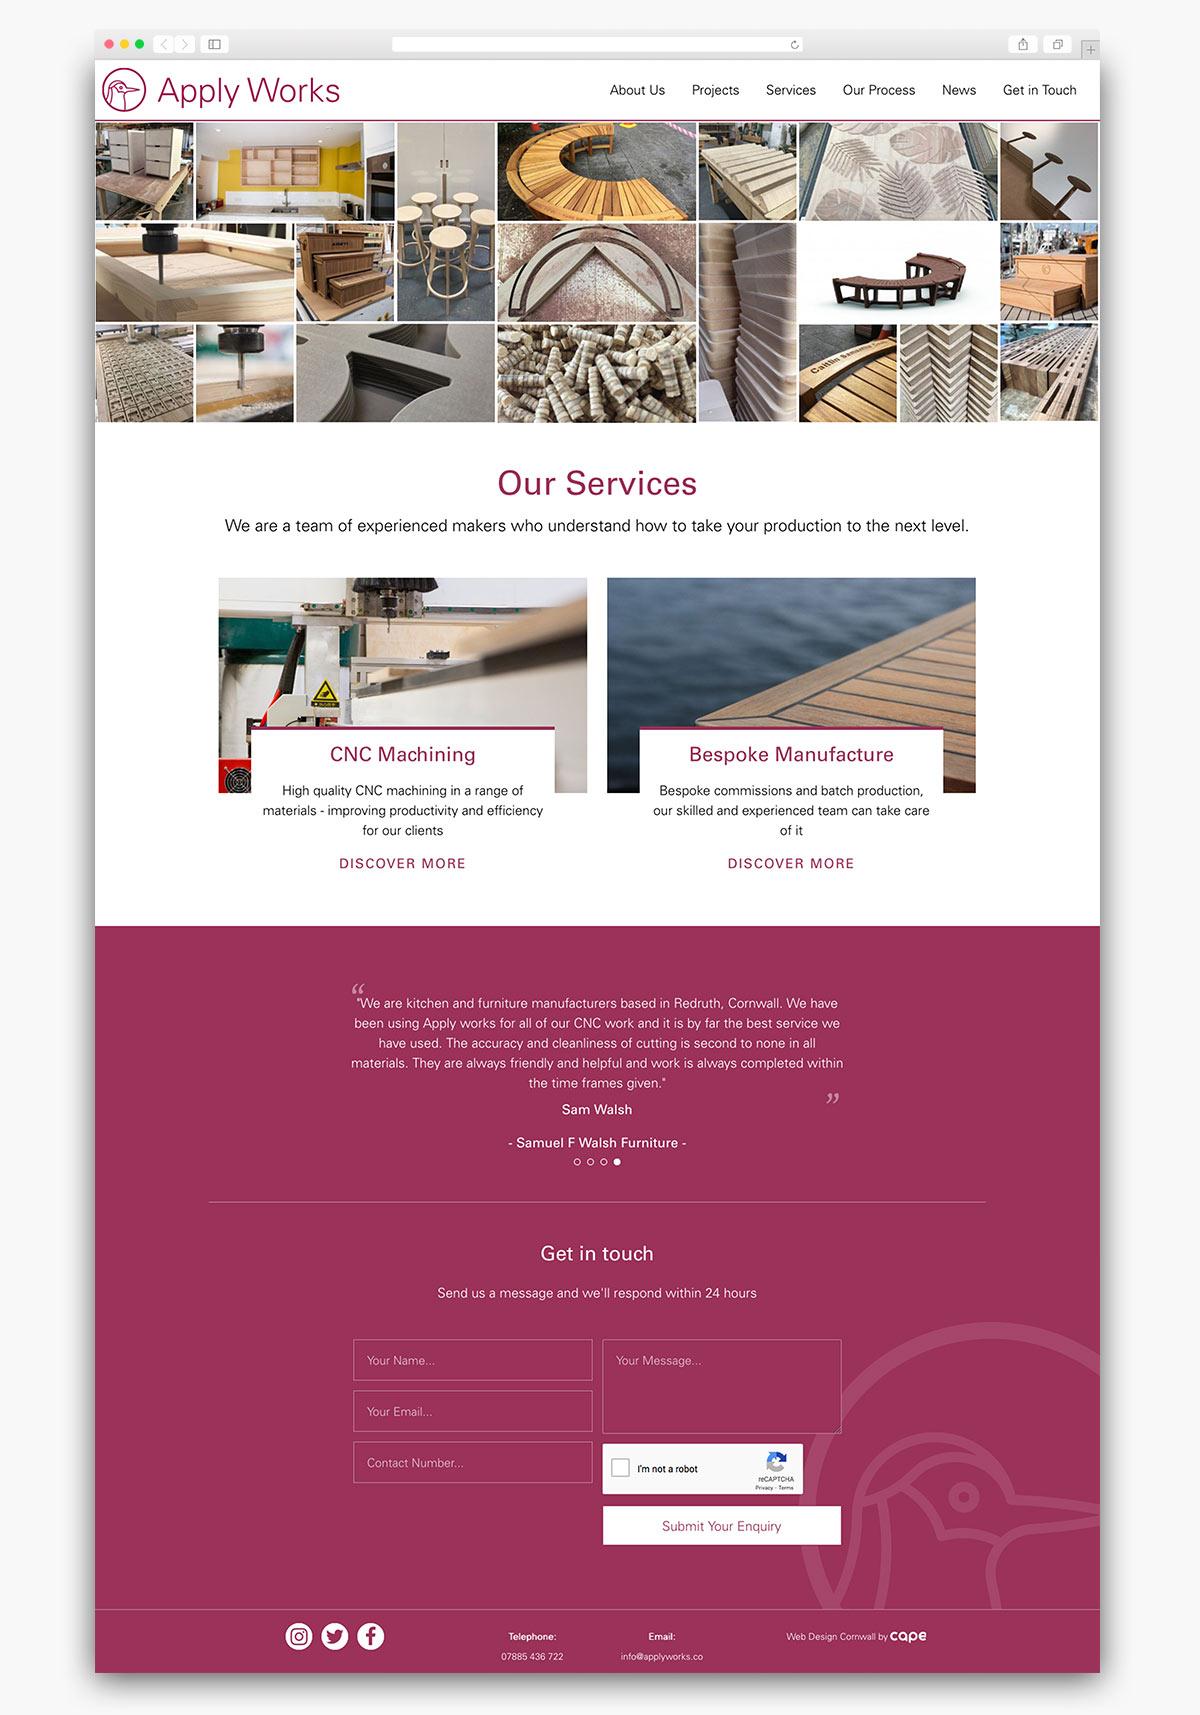 Apply Works Wordpress Website Homepage Design